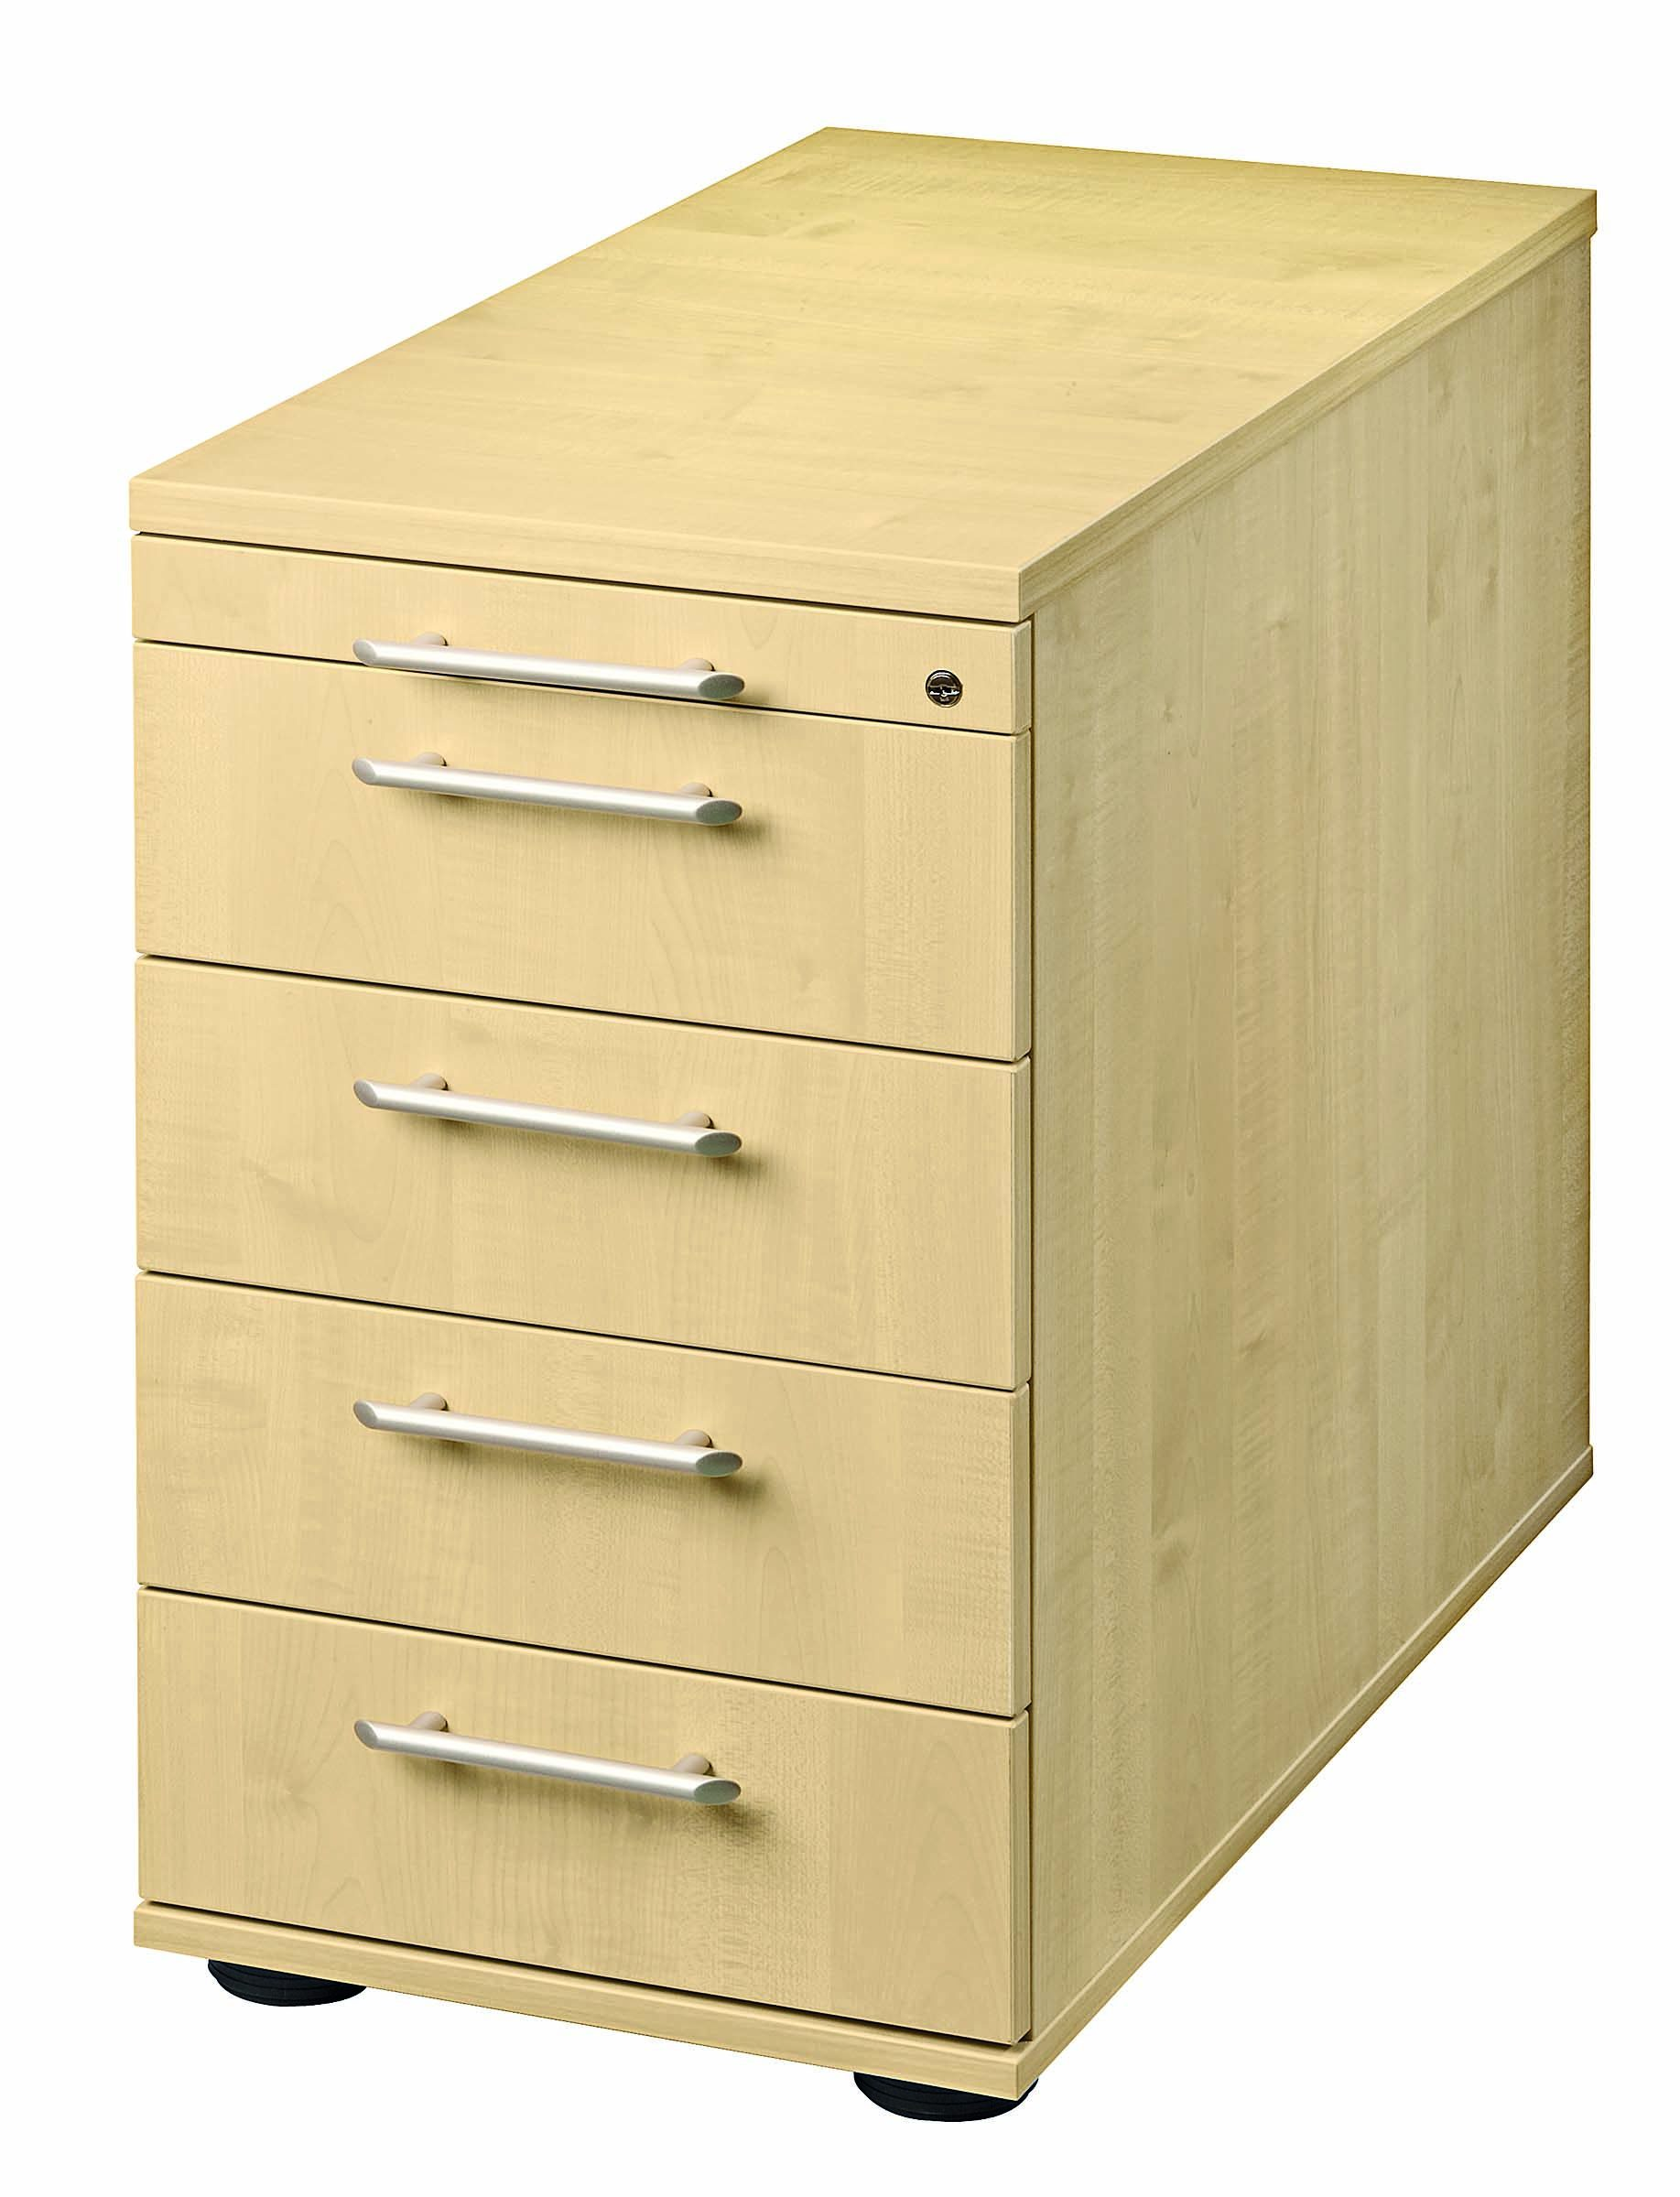 Büroschrank weiß schubladen  Büroschränke Holz Günstig | rheumri.com